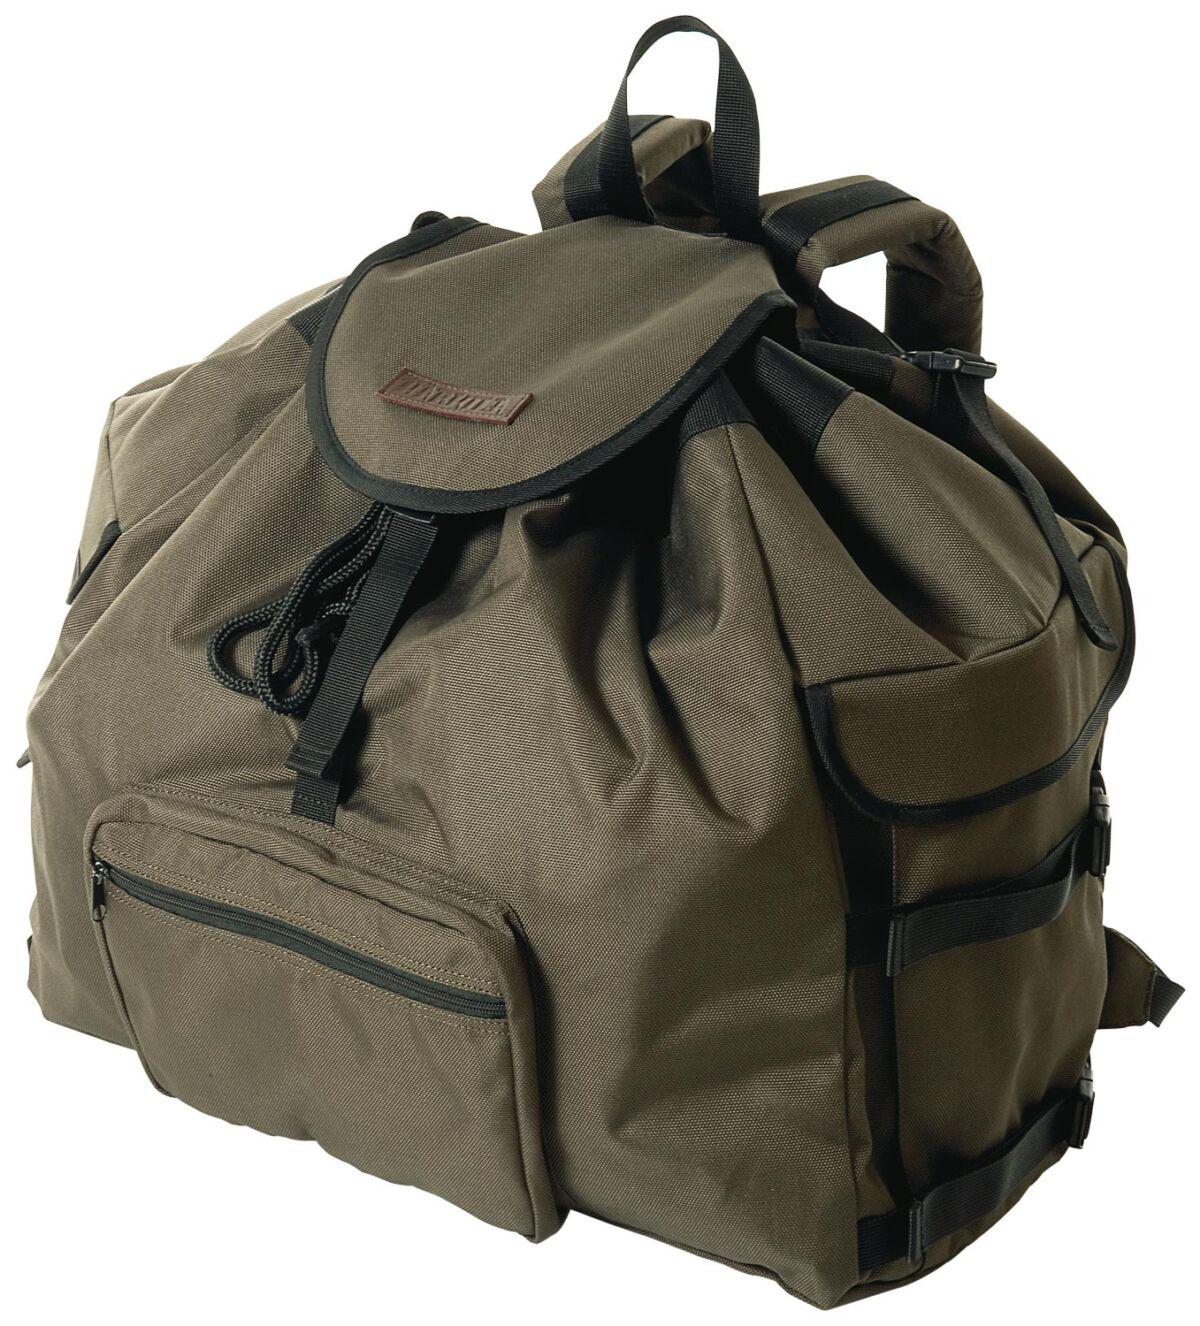 Рюкзак Harkila Fenja ц: зеленый/коричневый. Объем – 80 литров.